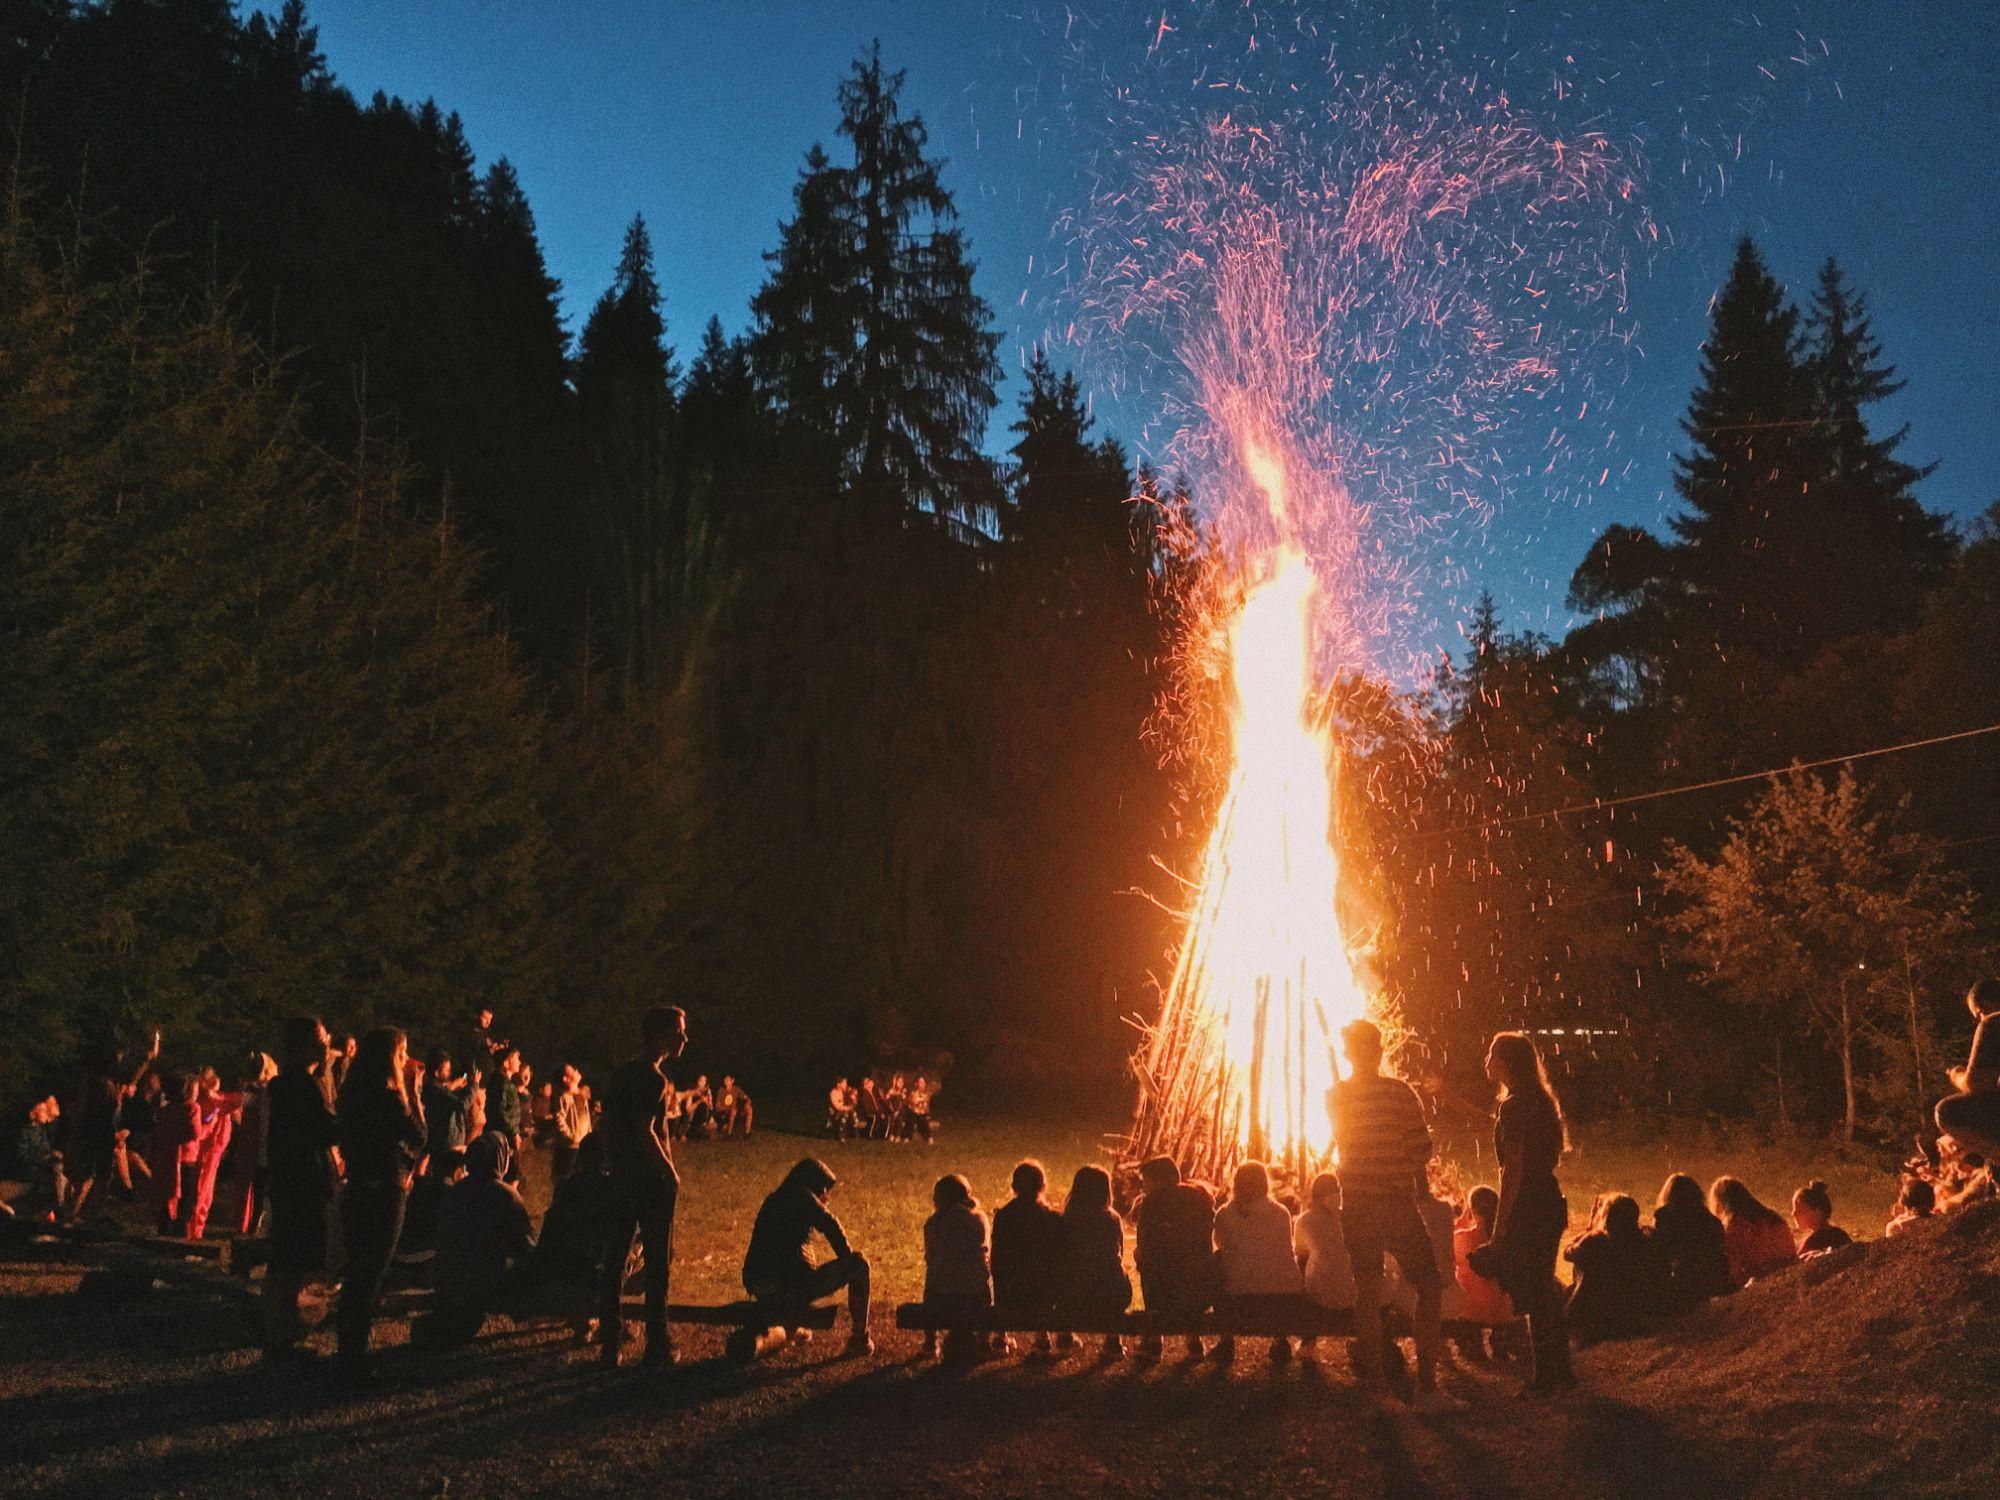 Lõke, õhtu, lõkke ümber inimesed